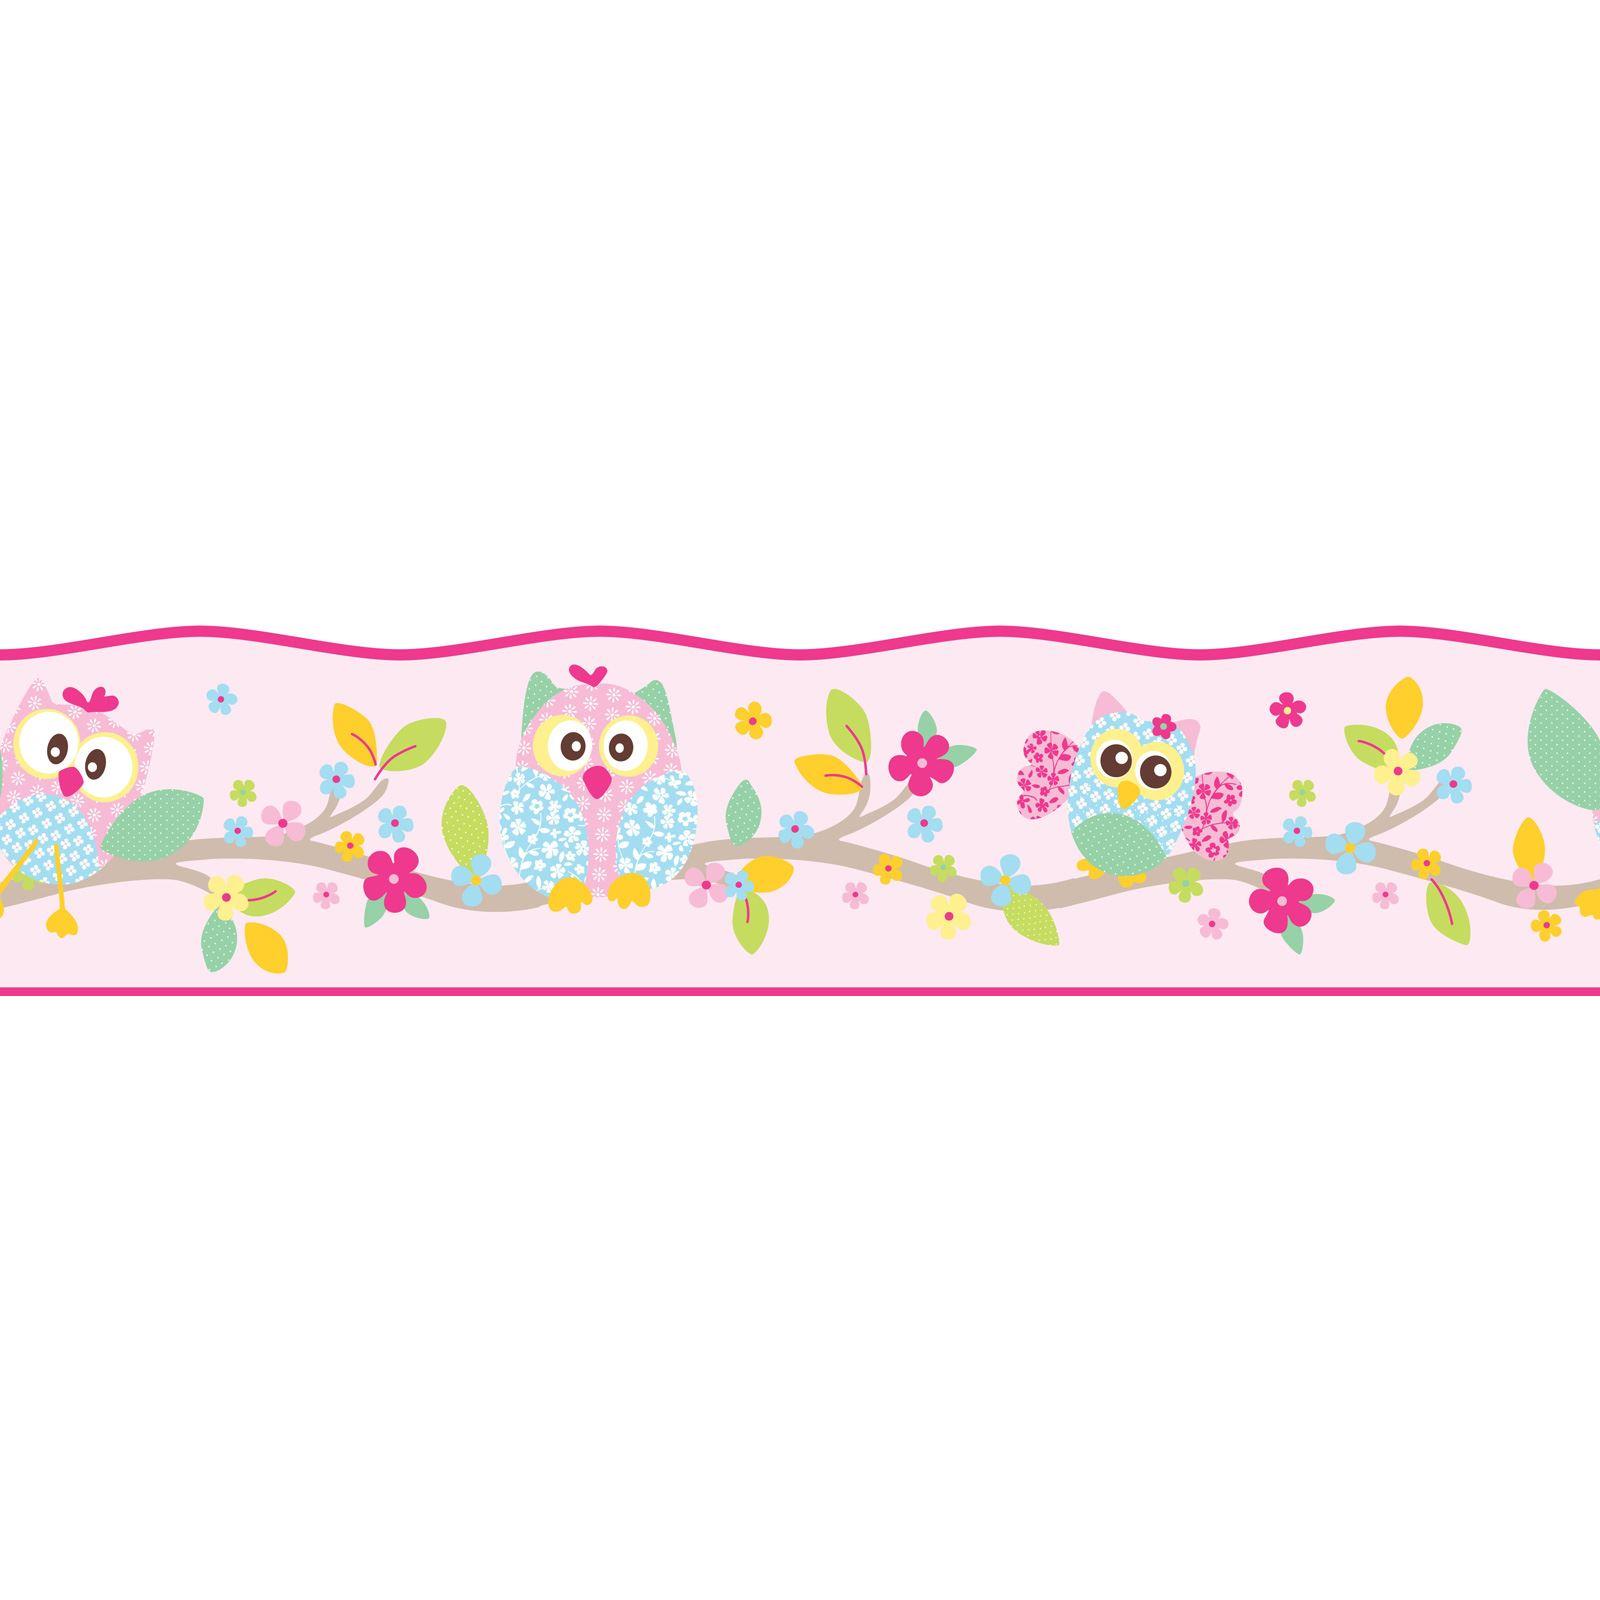 DIY Materials Wallpaper Accessories Wallpaper Rolls Sheets 1600x1600